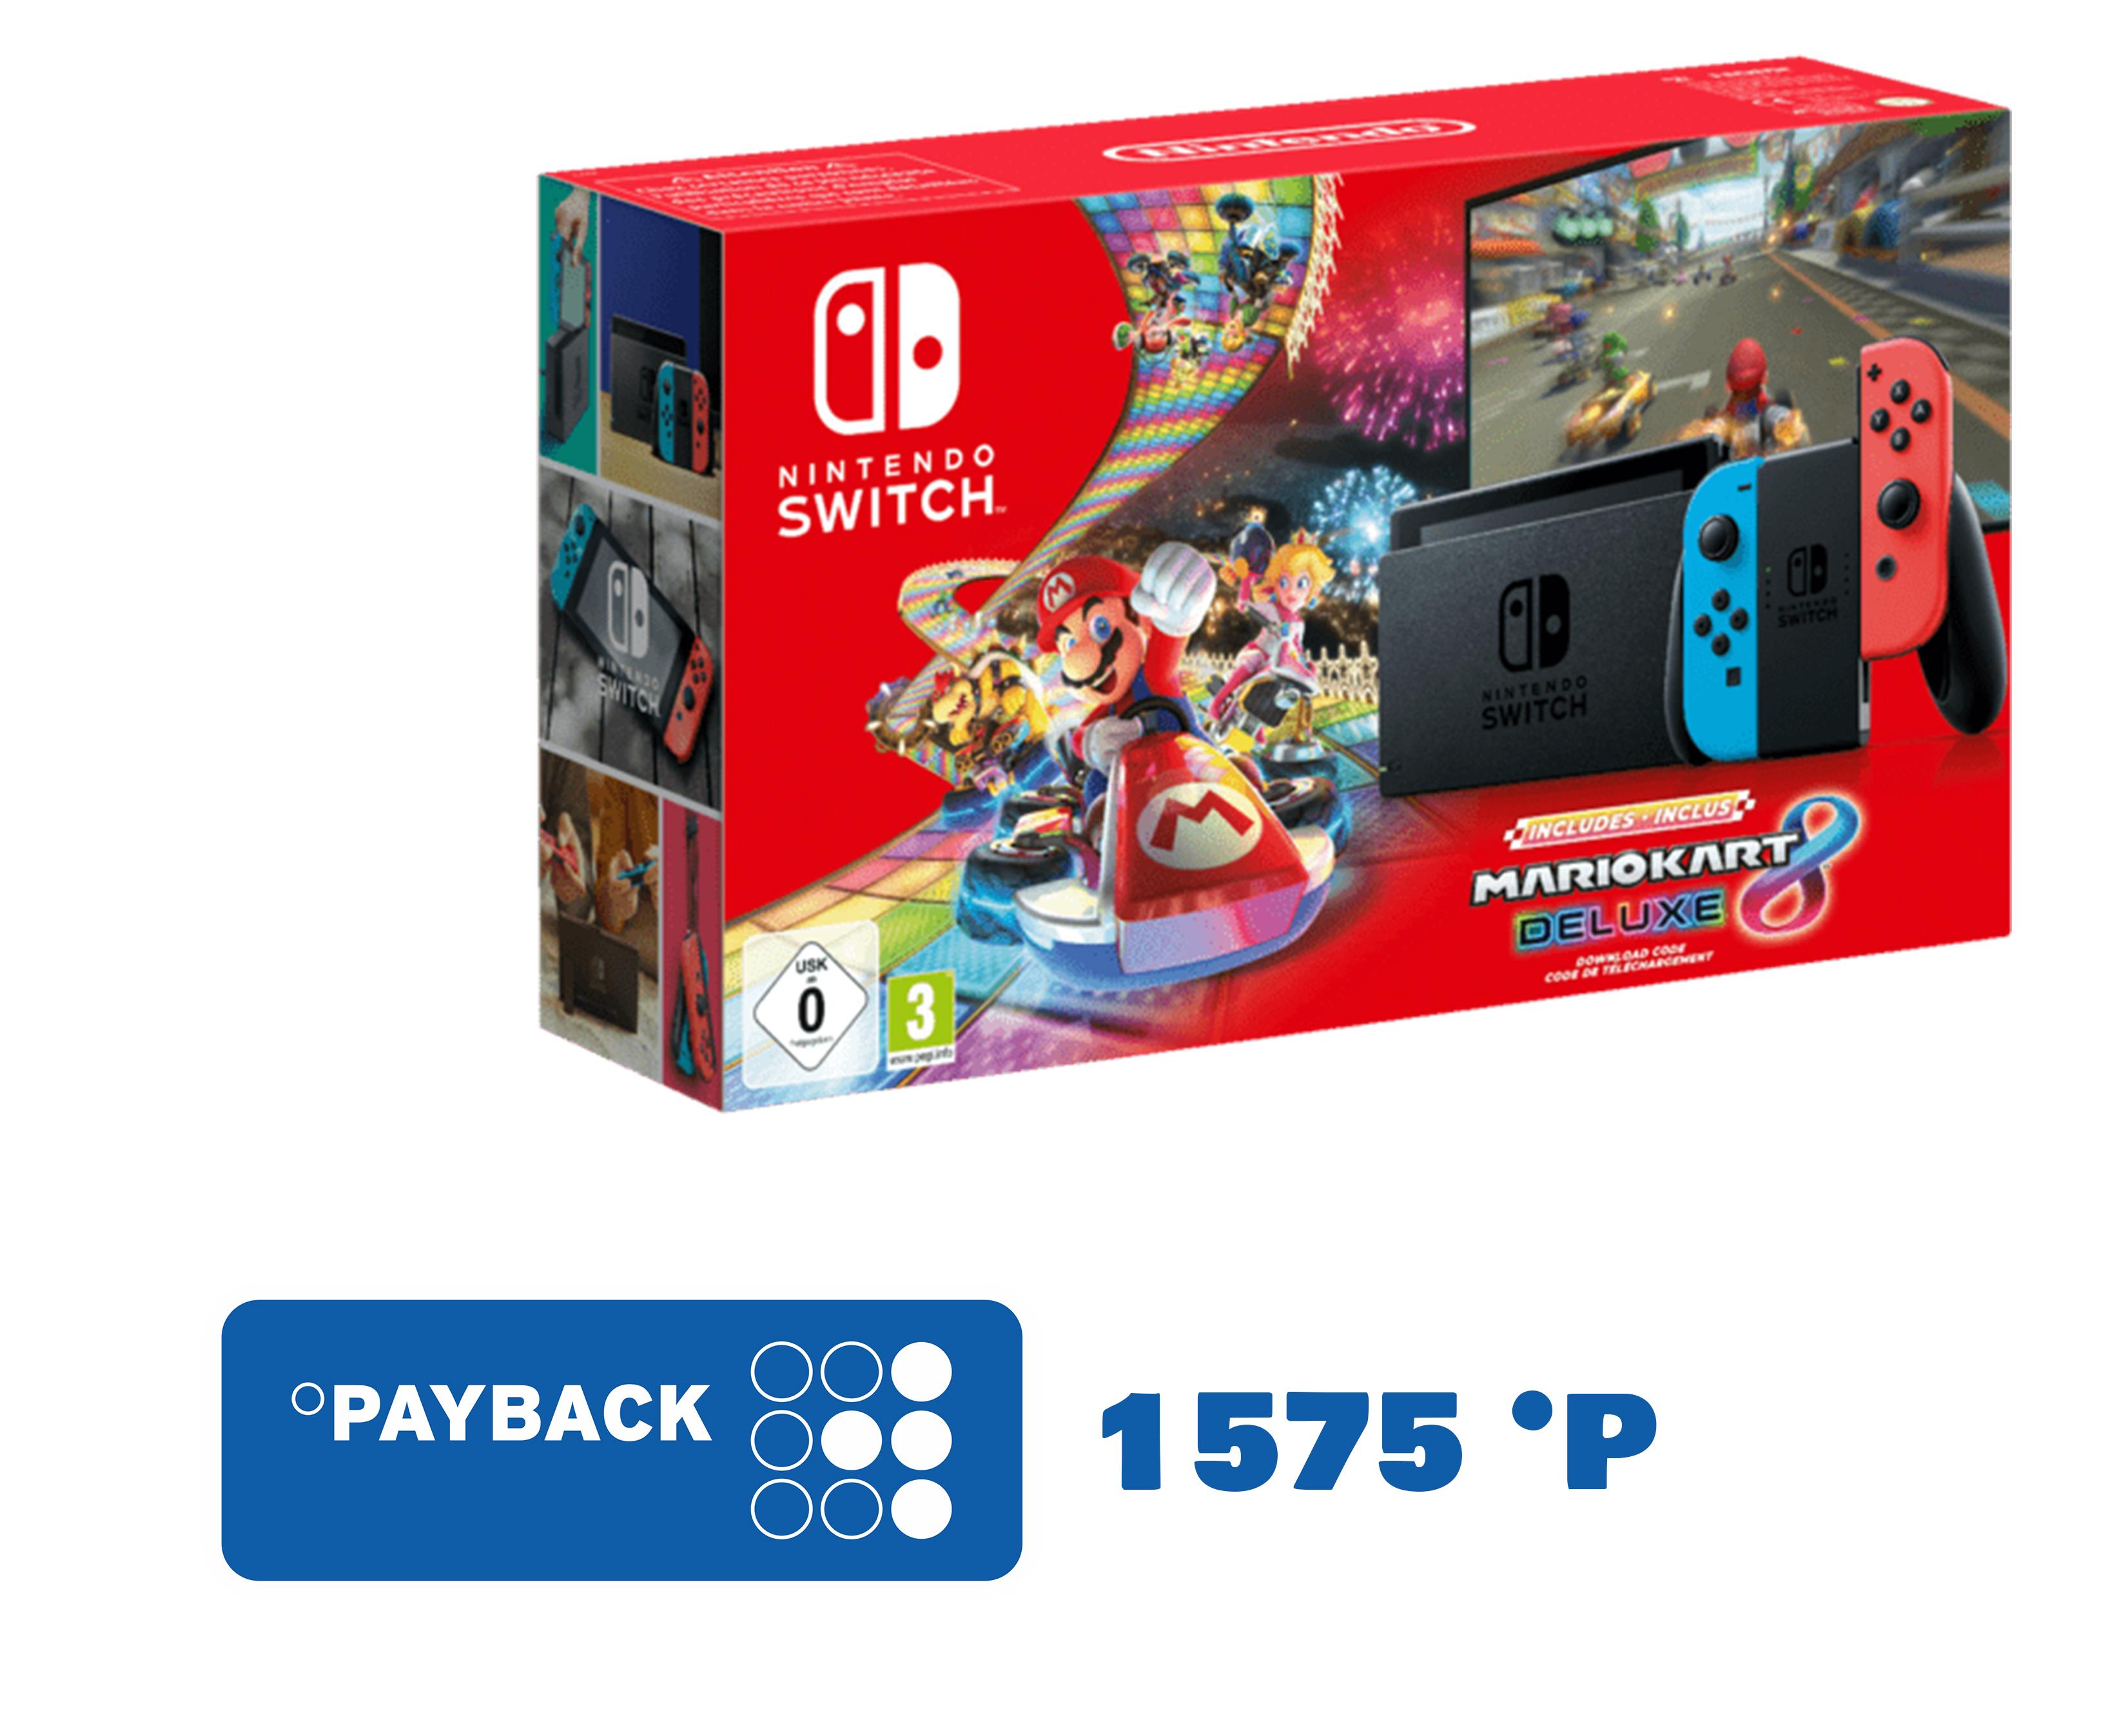 Beliebtes Mario Kart 8 Deluxe / Switch 2019 Edition Bundle für 315€ + 1575 Payback Punkte mit eCoupon